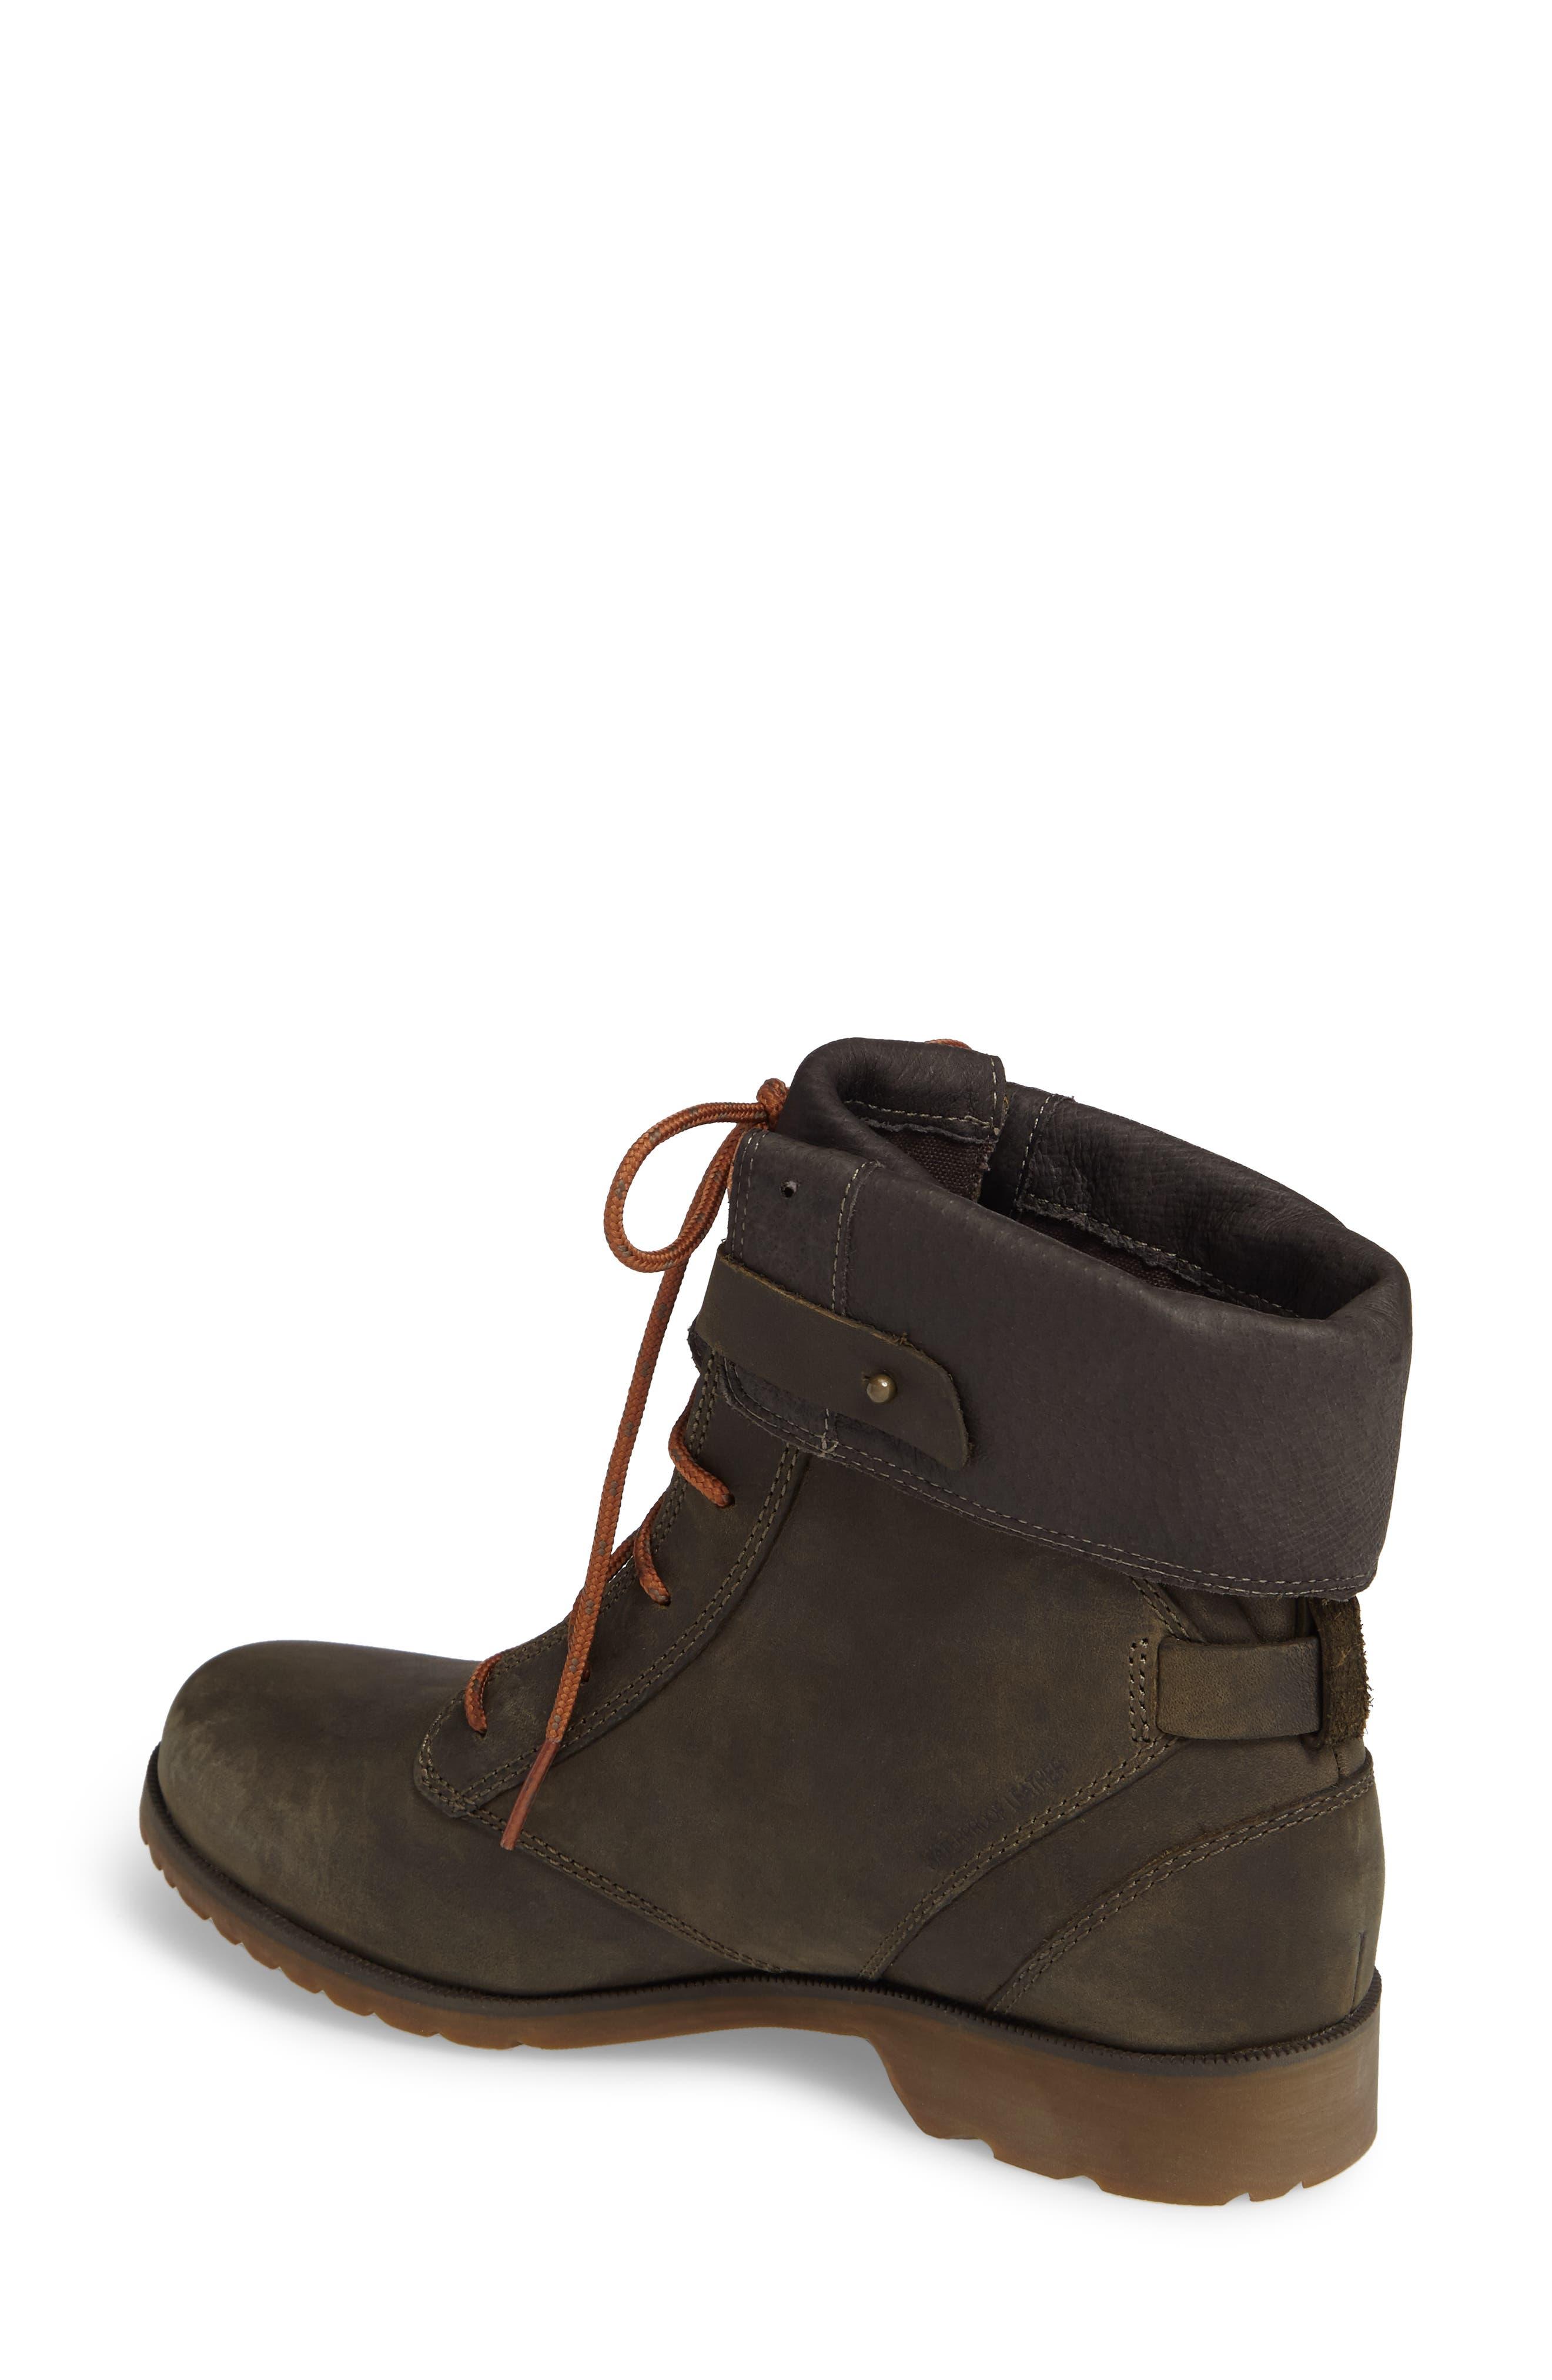 'De La Vina' Waterproof Lace-Up Boot,                             Alternate thumbnail 2, color,                             306